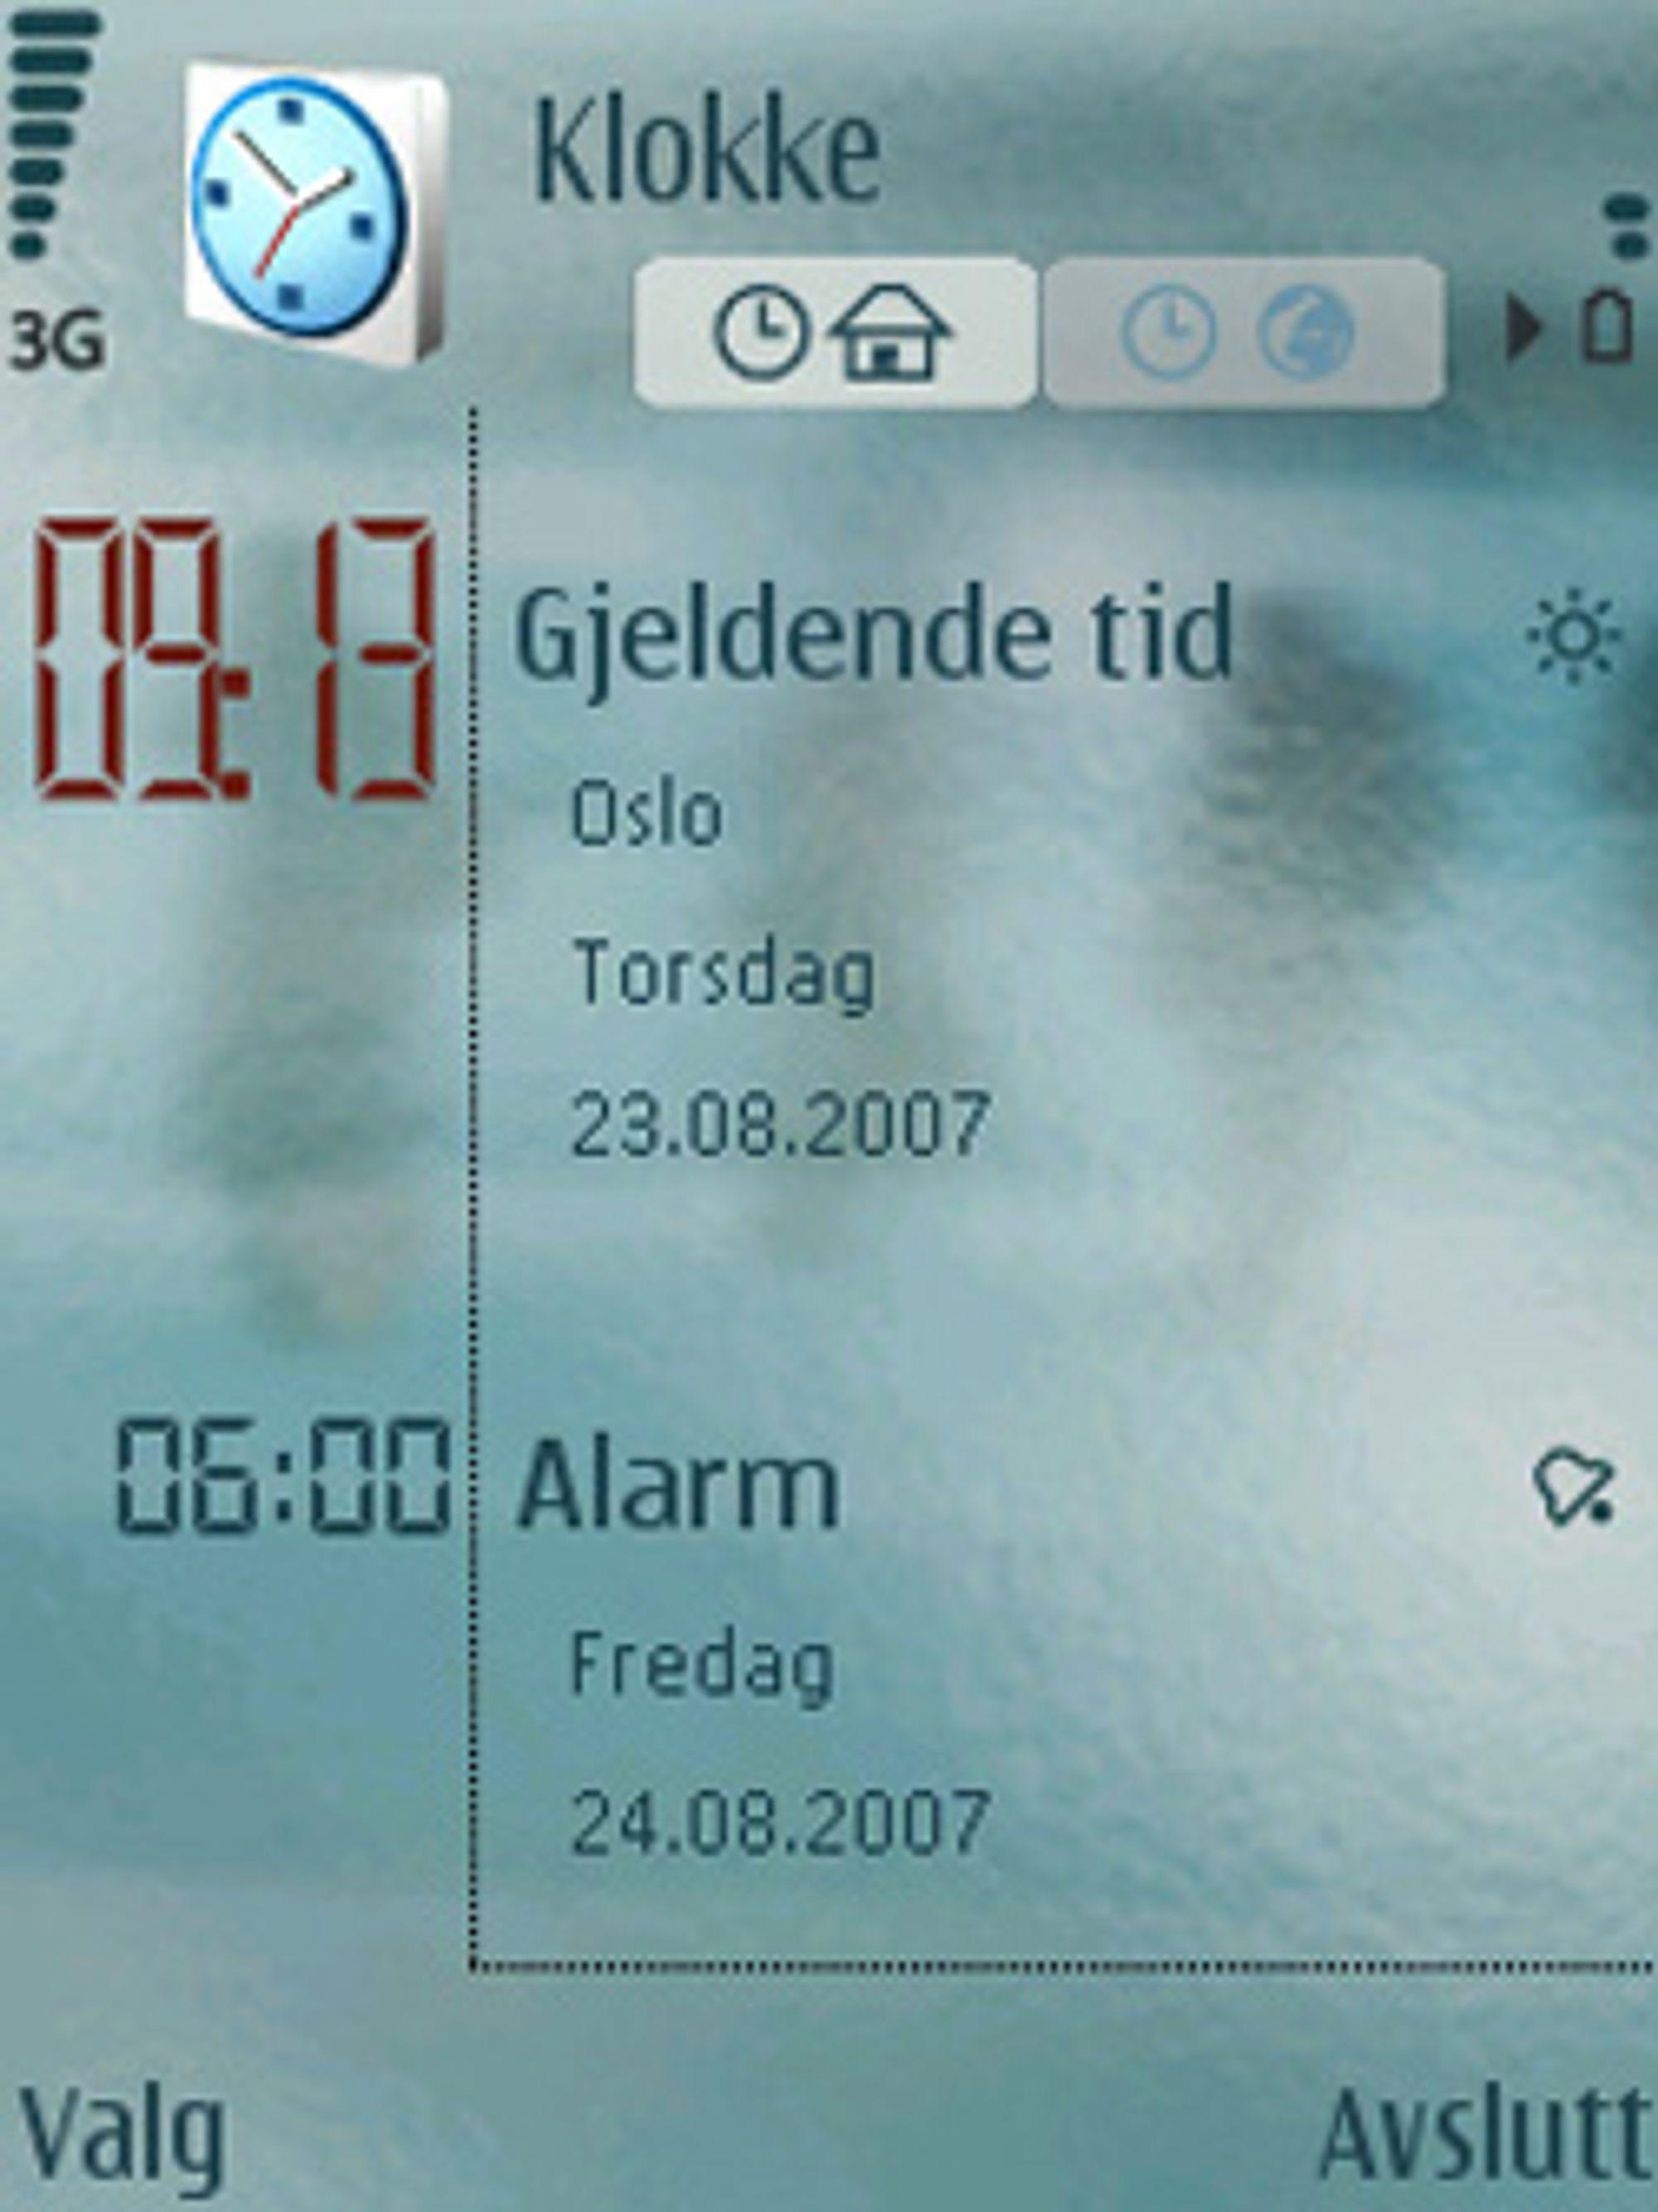 Mobilen gir deg oversikt over både tiden og aktiverte alarmer. (Foto: Einar Eriksen)